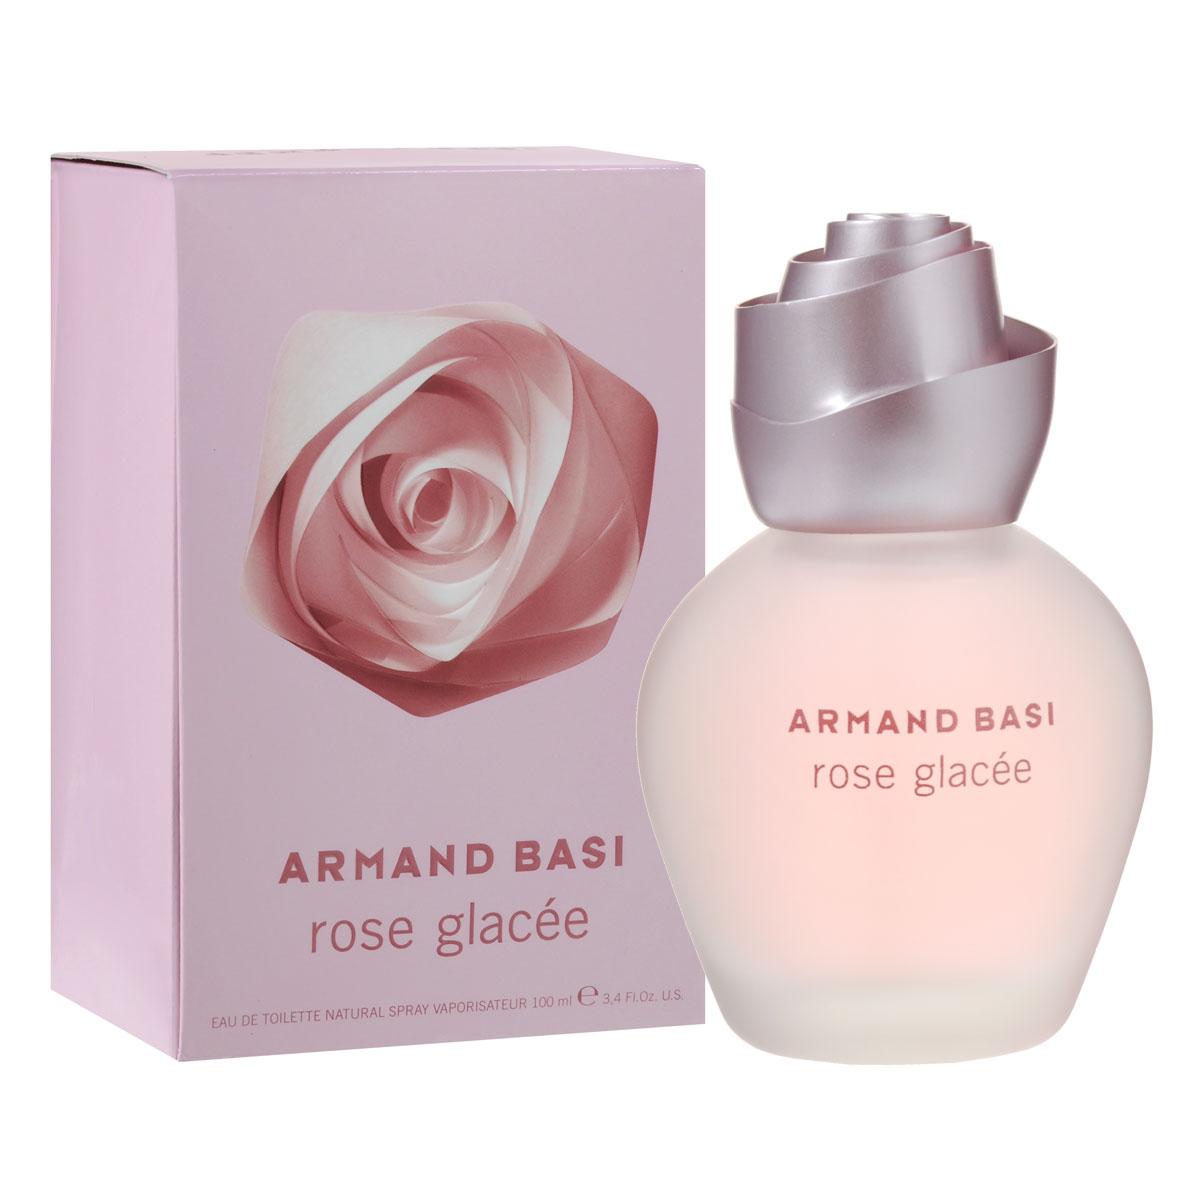 """Armand Basi Туалетная вода Rose Glacee, женская, 100 мл953686Органичная и геометричная, роза является сердцем и вдохновением нового аромата от Armand Basi, который открывает перед нами мир сущности цветка. Его концепция усовершенствована и обновлена выведением на игровое поле главного игрока - геометрии. Роза - это символ совершенства. Универсальный цветок, признанный во всем мире воплощением тайны женщины. Это самый безупречный цветок. Ее красота радует глаз; ее аромат роскошный, превосходный, пьянящий, нежно-бархатный и хрупкий. И в то же время он обманывает, бунтует и отклоняется от всех мыслимых стандартов: шипы ранят руку каждого, кто осмелится срезать розу.Glacee - французское слово, которое обозначает """"замороженный"""". Роза, закованная в ледяные цепи. Хранимая холодом, продлевающим жизнь ее красоты, она стоит непокорно и гордо. Обольстительная и прекрасная. Rose Glacee, имя нового аромата, воплощающего напряжение во внешнем проявлении. Теплая и холодная, спокойная и агрессивная, дружелюбная, но предающая, прекрасная, но эфемерная. Она совершенна в своей хрупкости, как и в своей обманности. Восхищаться ей - это испытывать обоснованную страсть к ее совершенству. Armand Basi Rose Glacee - это туманное очертание розы на закате. Свежесть, смешанная с нетерпением. Совершенство, замороженное во времени. Холод, что стимулирует и пробуждает. Форма спирали, что выбрасывается вперед. Завуалированный предмет удовольствия, словно обещание на будущее. Жажда жизни. Интенсивность молодости. Тайна, что постепенно раскрывается. Неудержимая и первобытная радость бытия.Классификация аромата: цветочный.Пирамида аромата:Верхние ноты: зеленое яблоко, грейпфрут, лимон.Ноты сердца: роза Пьяже, корица, абрикосовый нектар.Ноты шлейфа: светлое дерево, амбра, мускус.Ключевые словаСвежий, морозный, таинственный!Туалетная вода - один из самых популярных видов парфюмерной продукции. Туалетная вода содержит 4-10%парфюмерного экстракта. Главные достоинства данного типа продукции заключаются в д"""